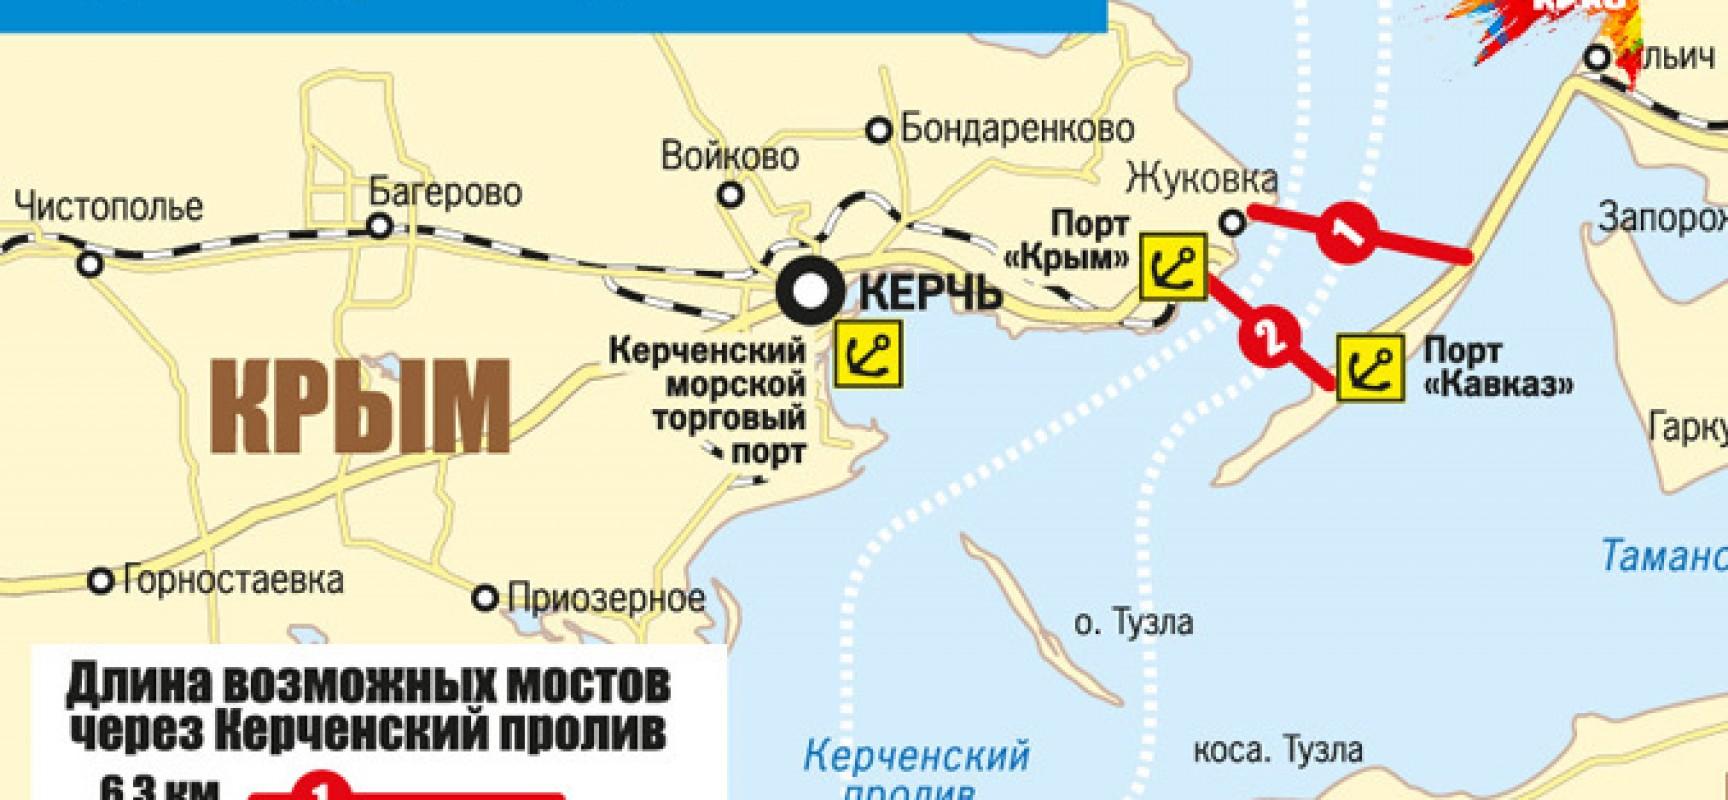 Без моста через Керченский пролив Крым просто не выживет, — союз инженеров